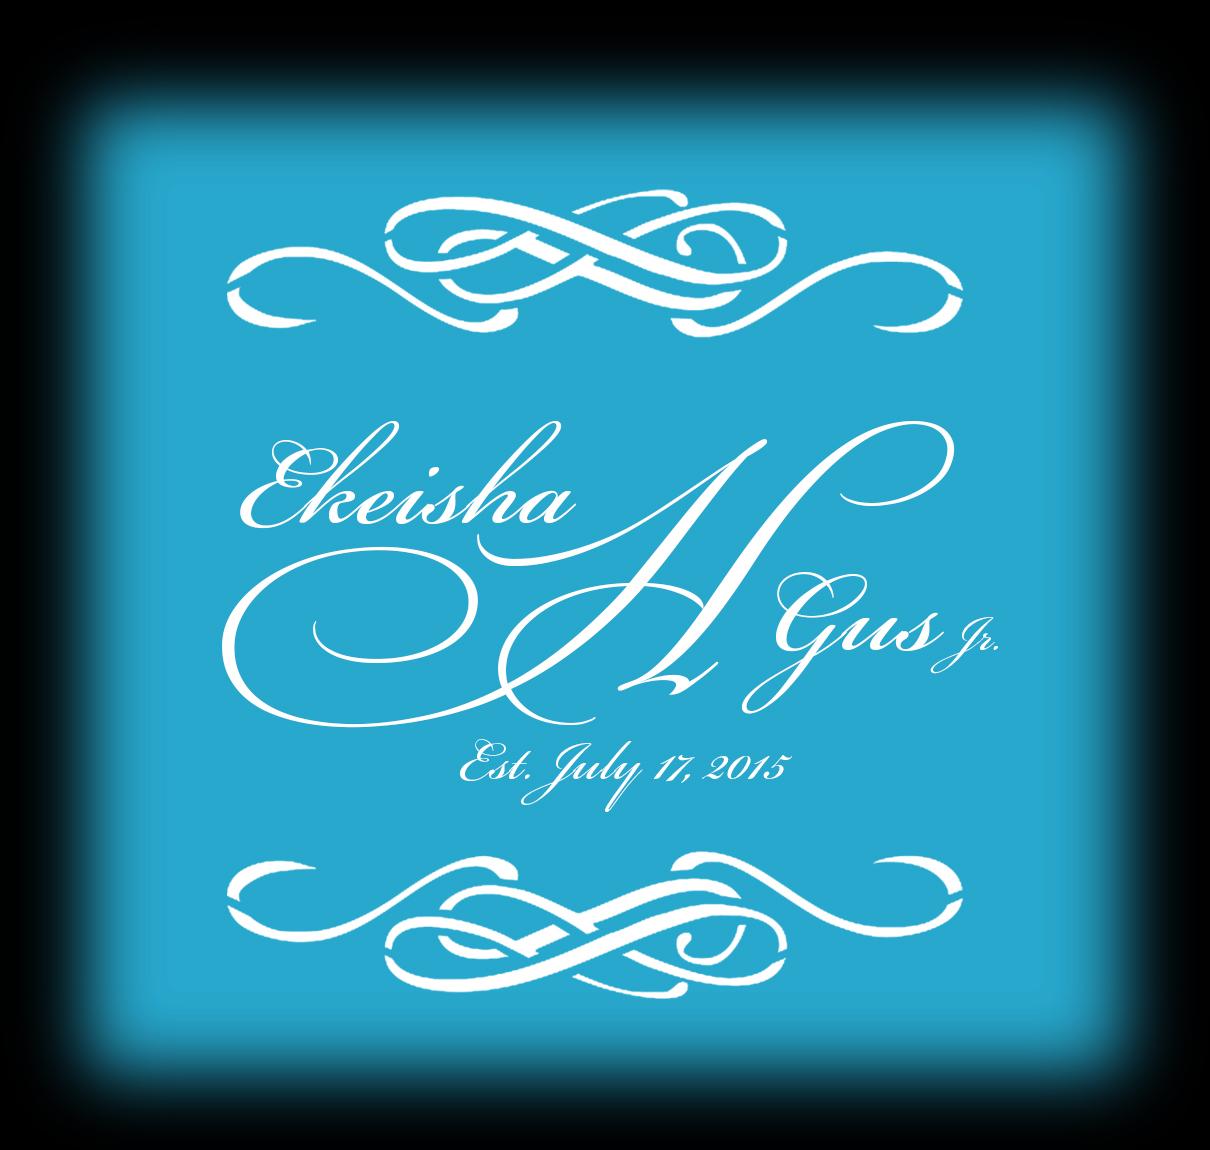 EandGallblue BLUE BG WHOTE FONT.jpg